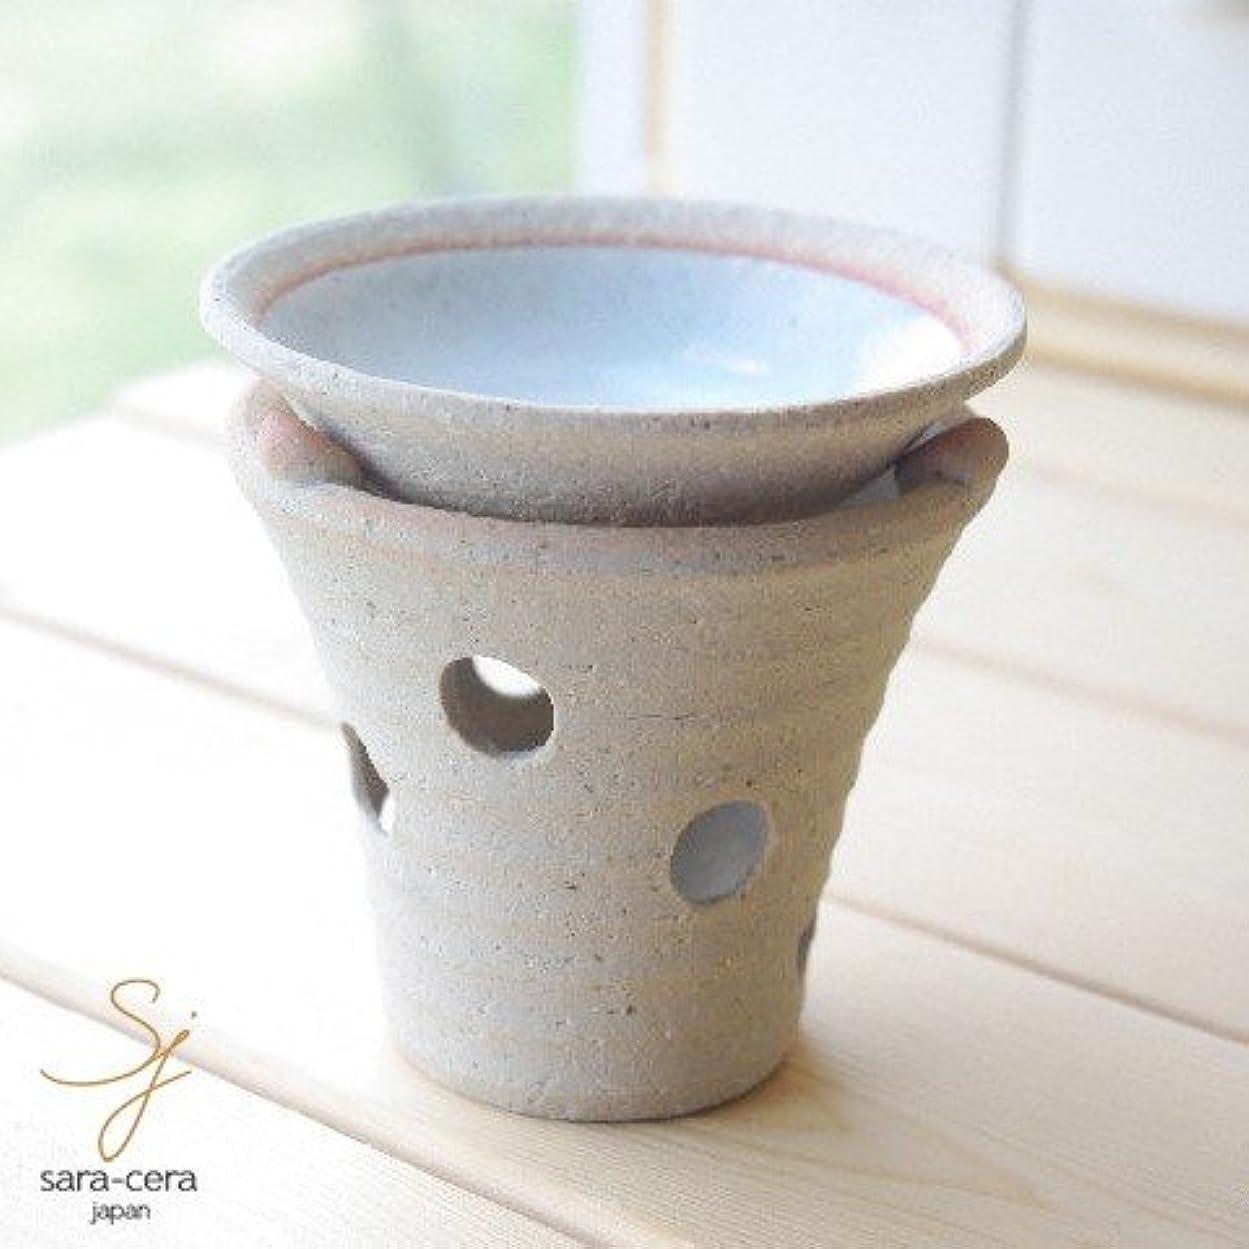 冷ややかな断線抗議松助窯 手作り茶香炉セット 白釉 ホワイト アロマ 和食器 リビング